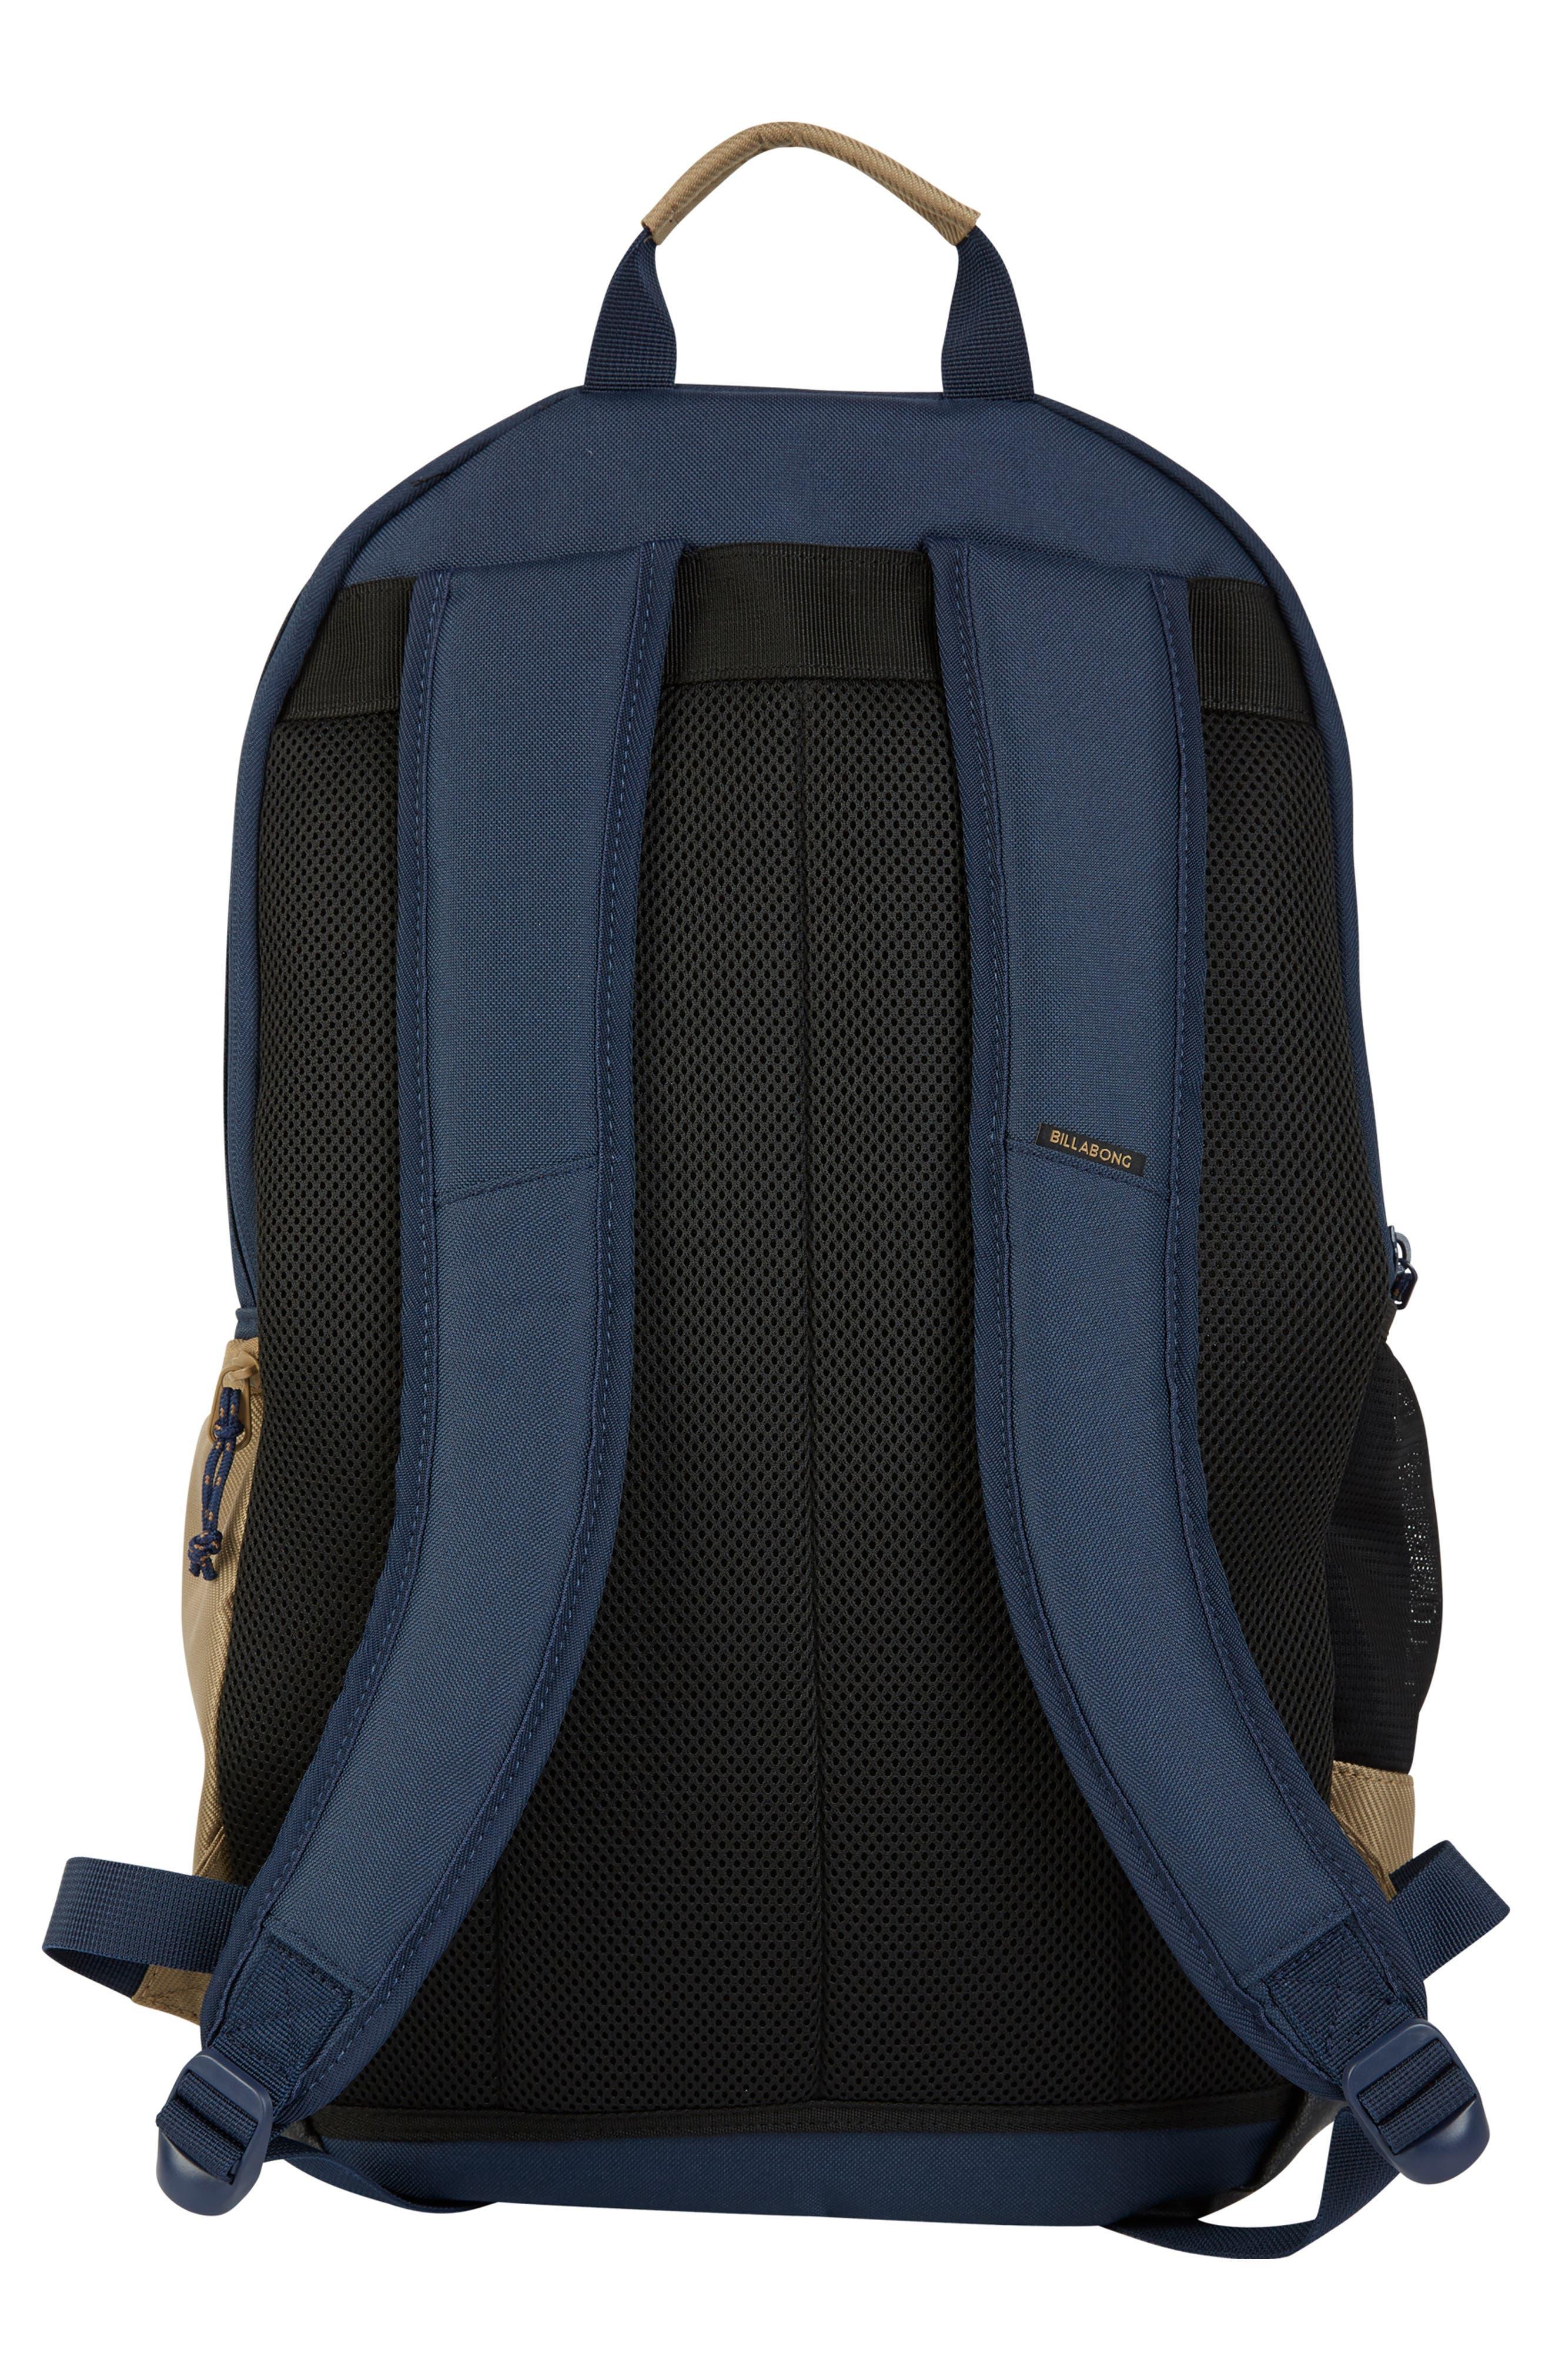 Backpacks Duffels Bags Messenger Billabong Briefcases And Men's q5CBgnW